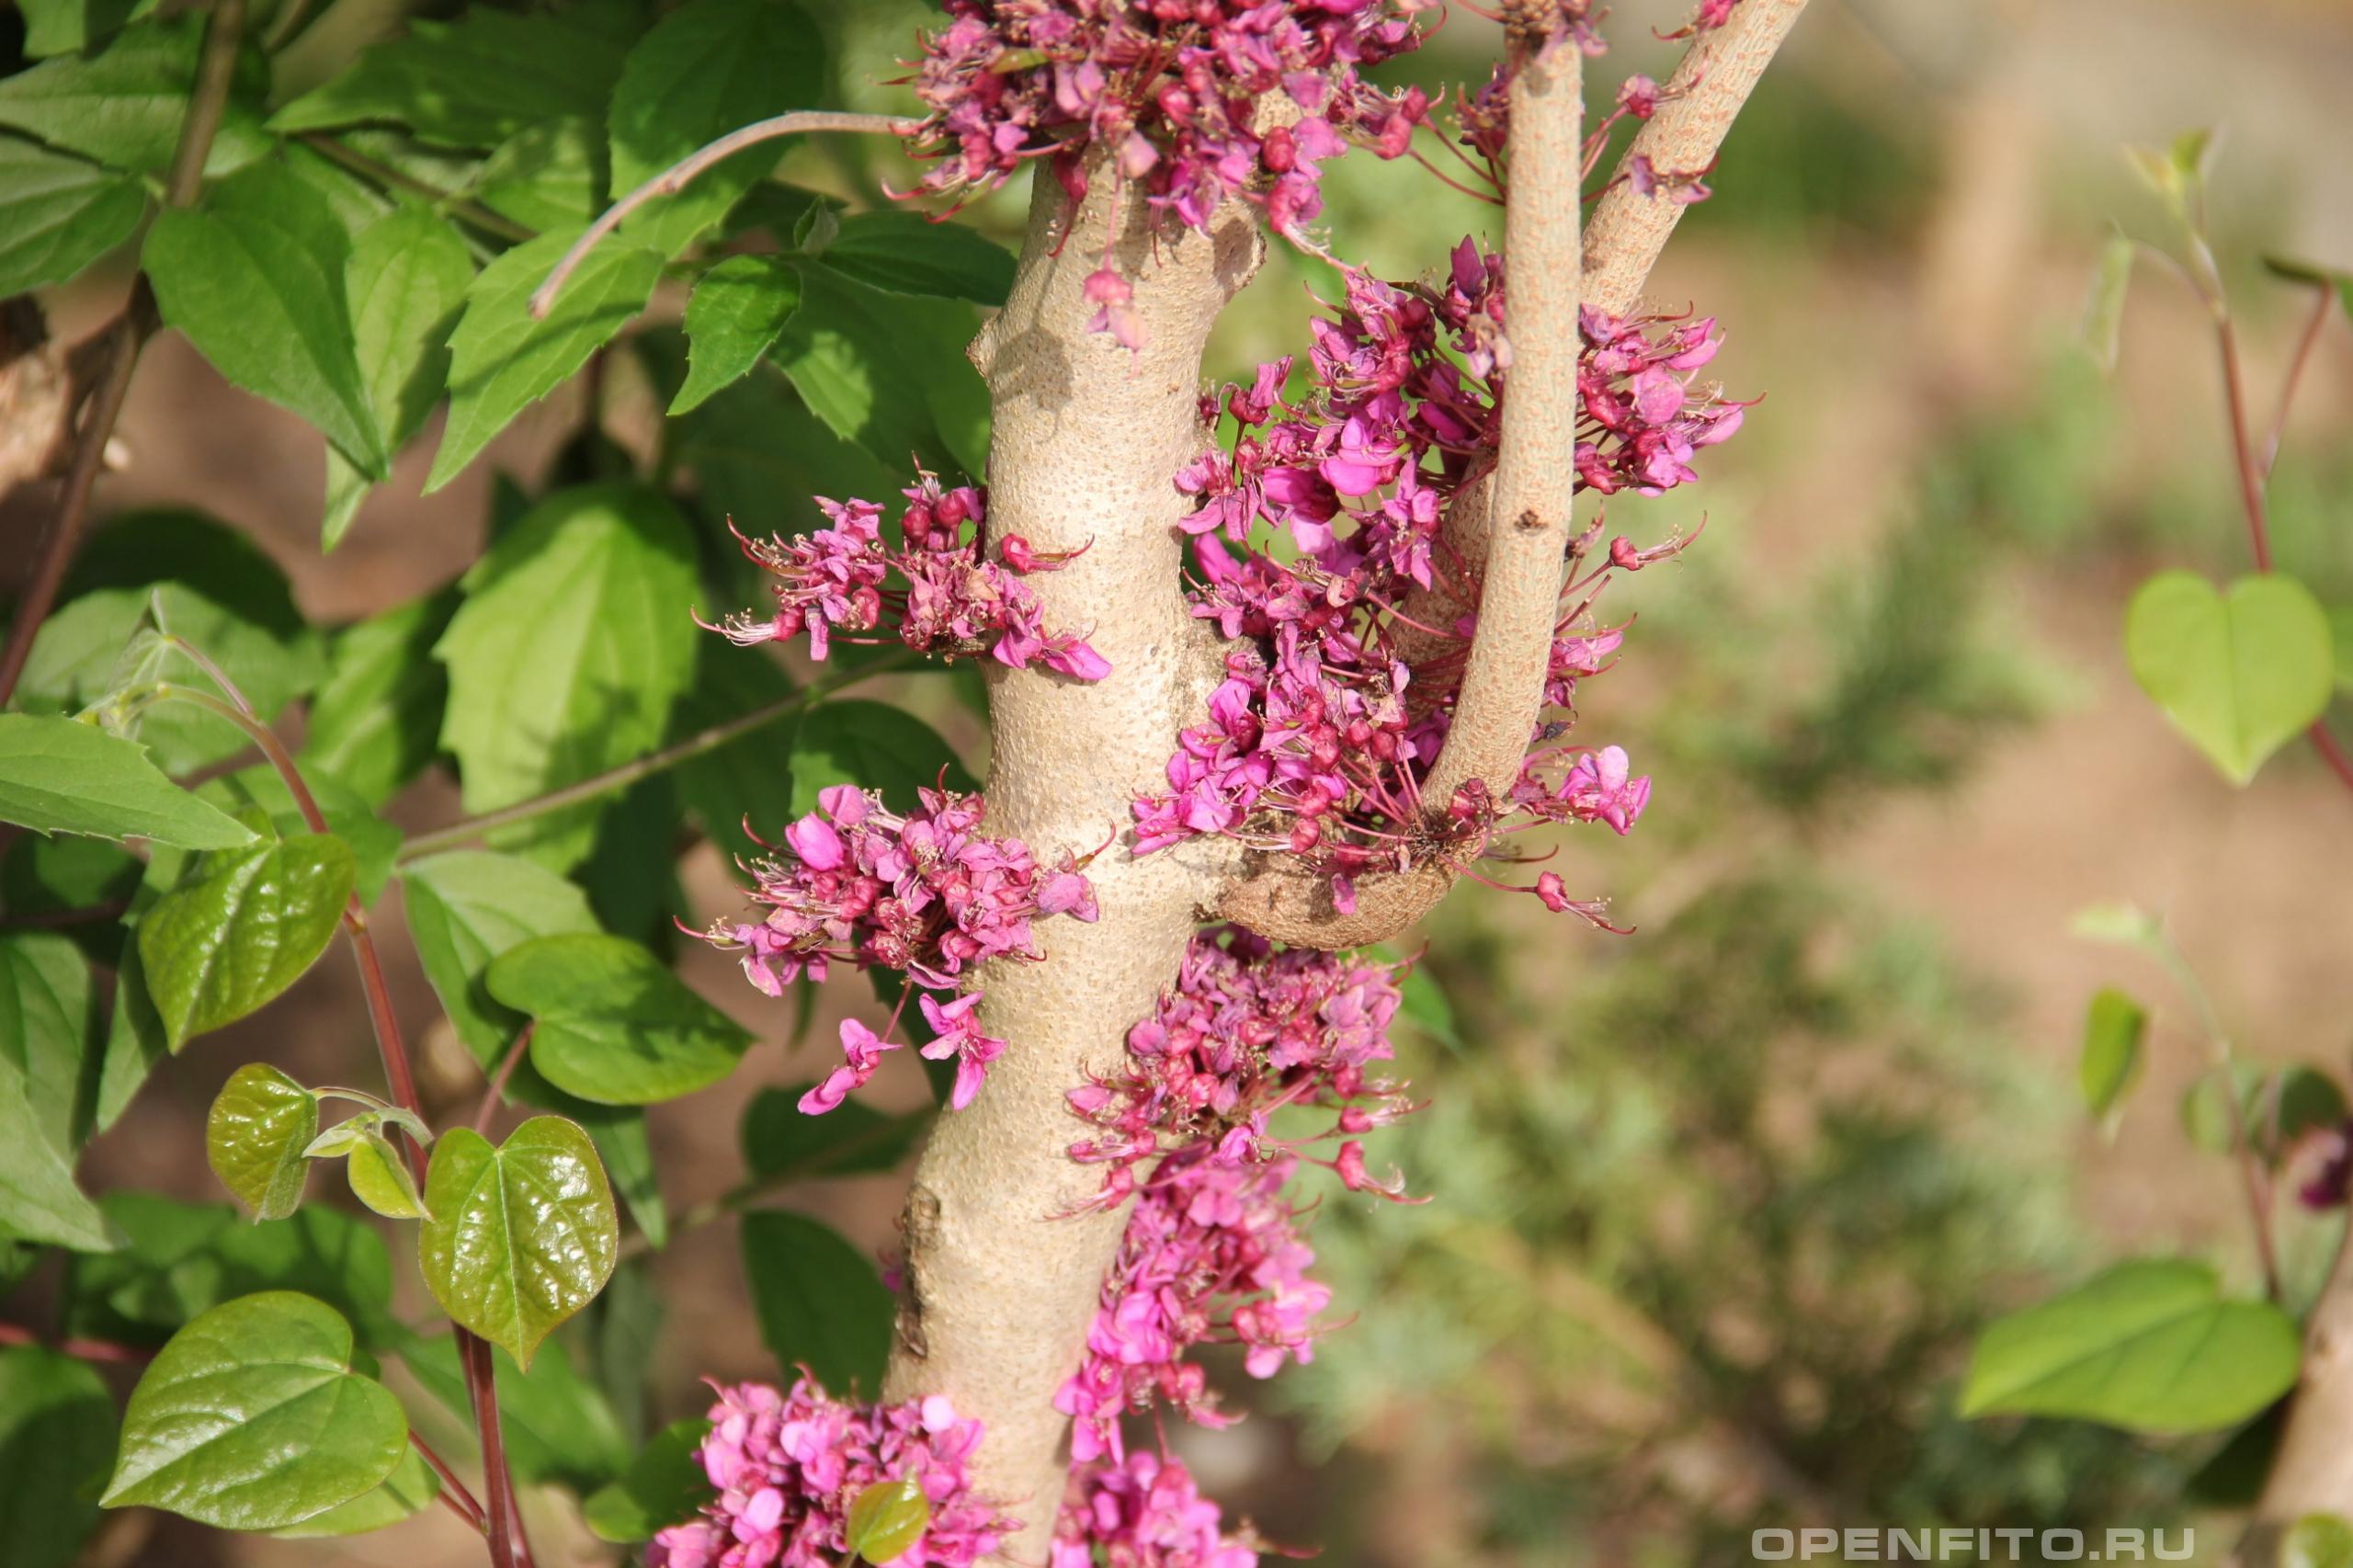 Багряник рожковый цветение растения